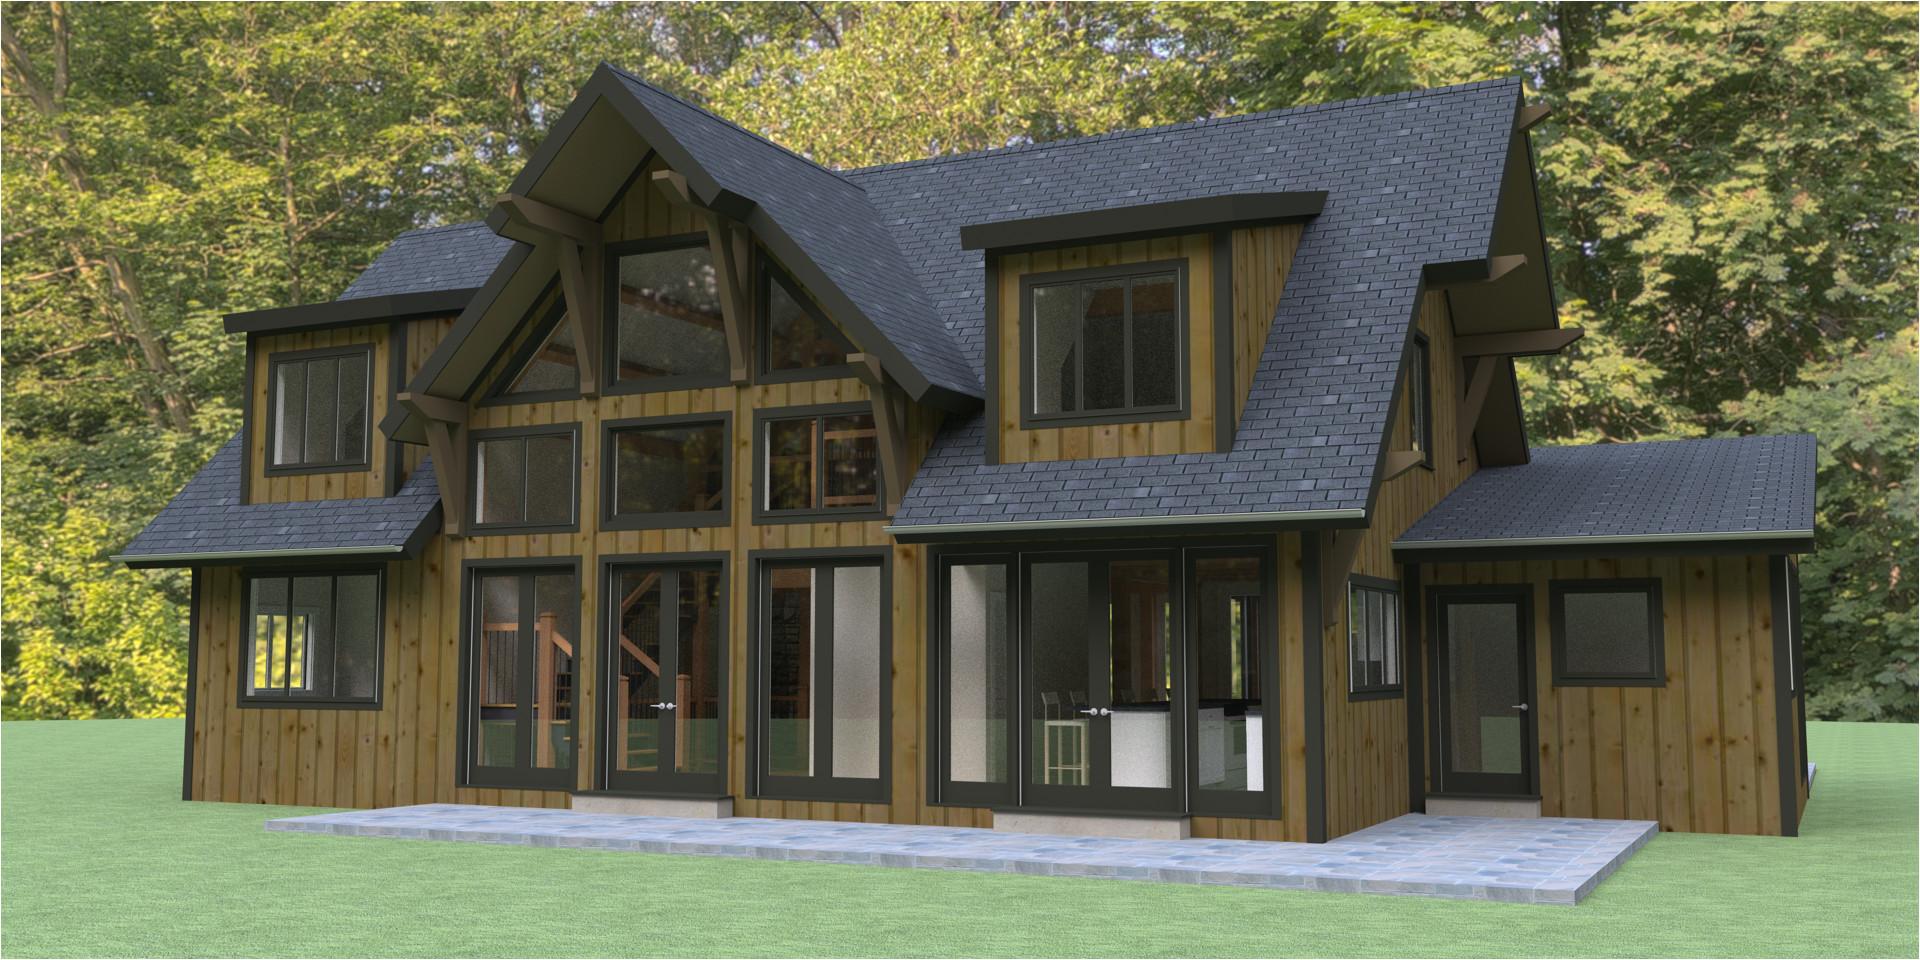 Timber Frame Home Plans Hybrid Timber Frame House Plans